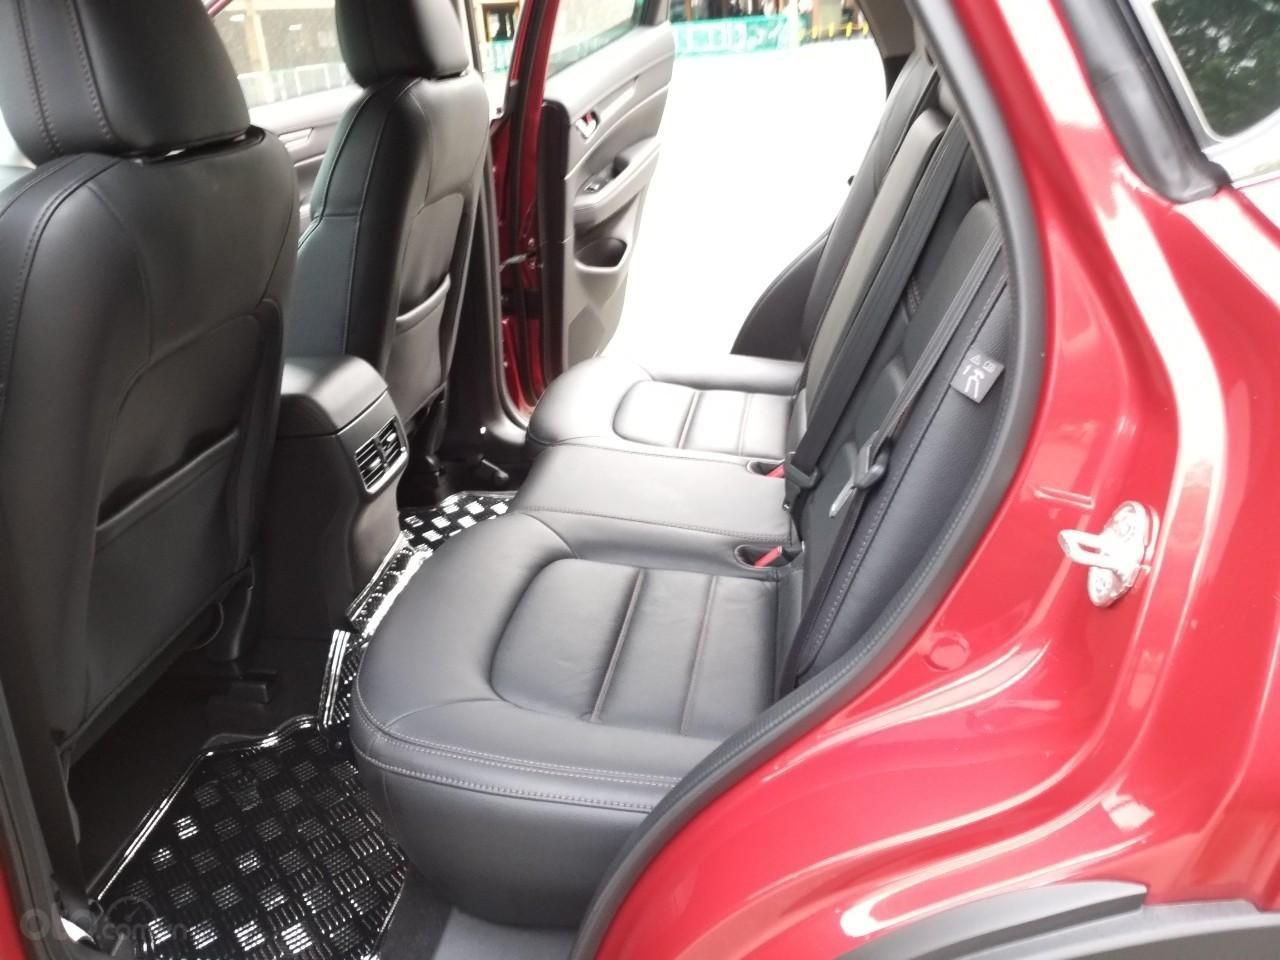 Mazda CX5 2019, xe nhà trùm mền, đỏ siêu sang, siêu mới, mới 99,99% như xe thùng mới xuất hãng, mua tiết kiệm được 150tr (6)